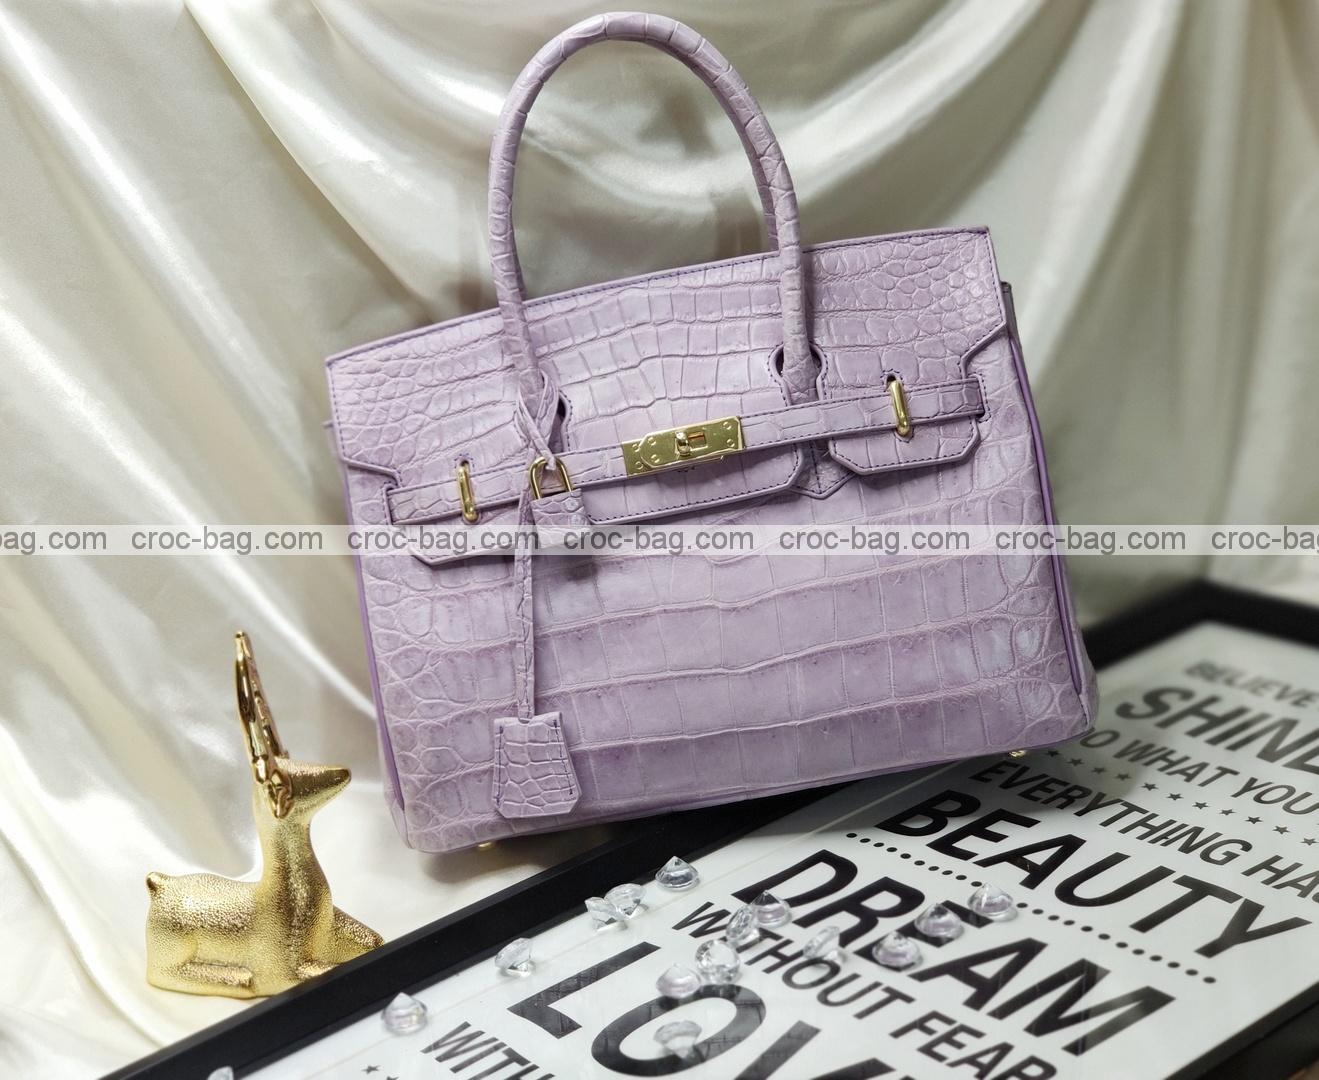 กระเป๋าหนังจระเข้สำหรับผู้หญิง 5312